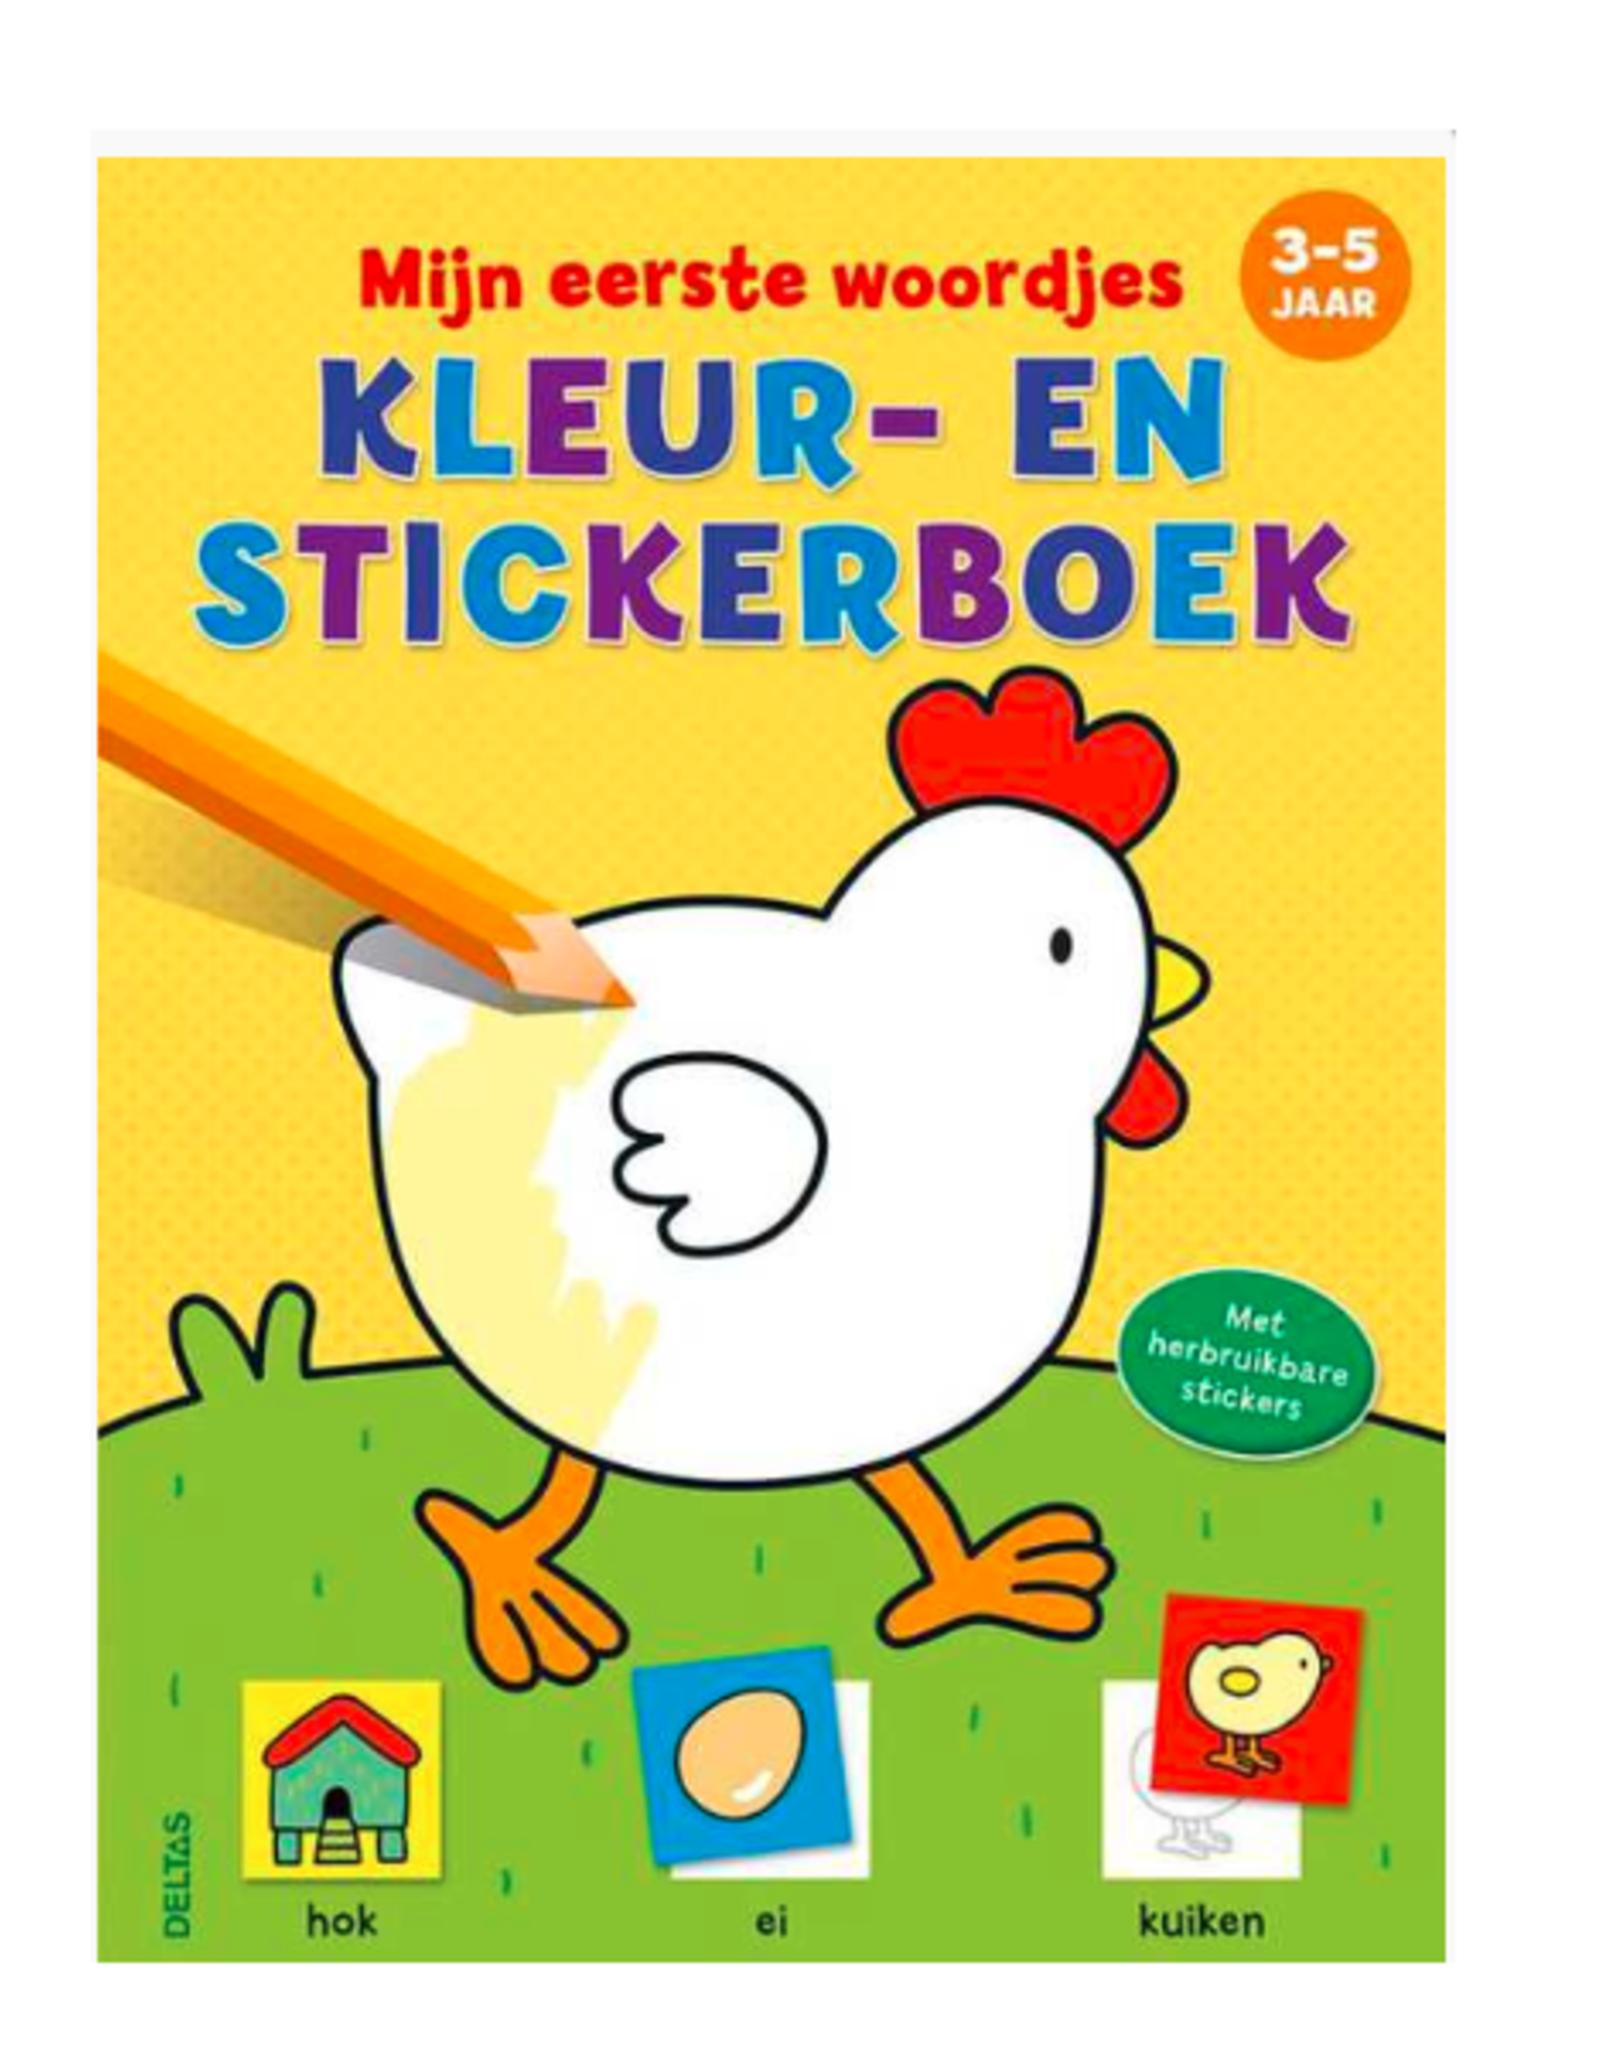 Deltas Mijn eerste woordjes , Kleur-en stickerboek 3-5 jaar